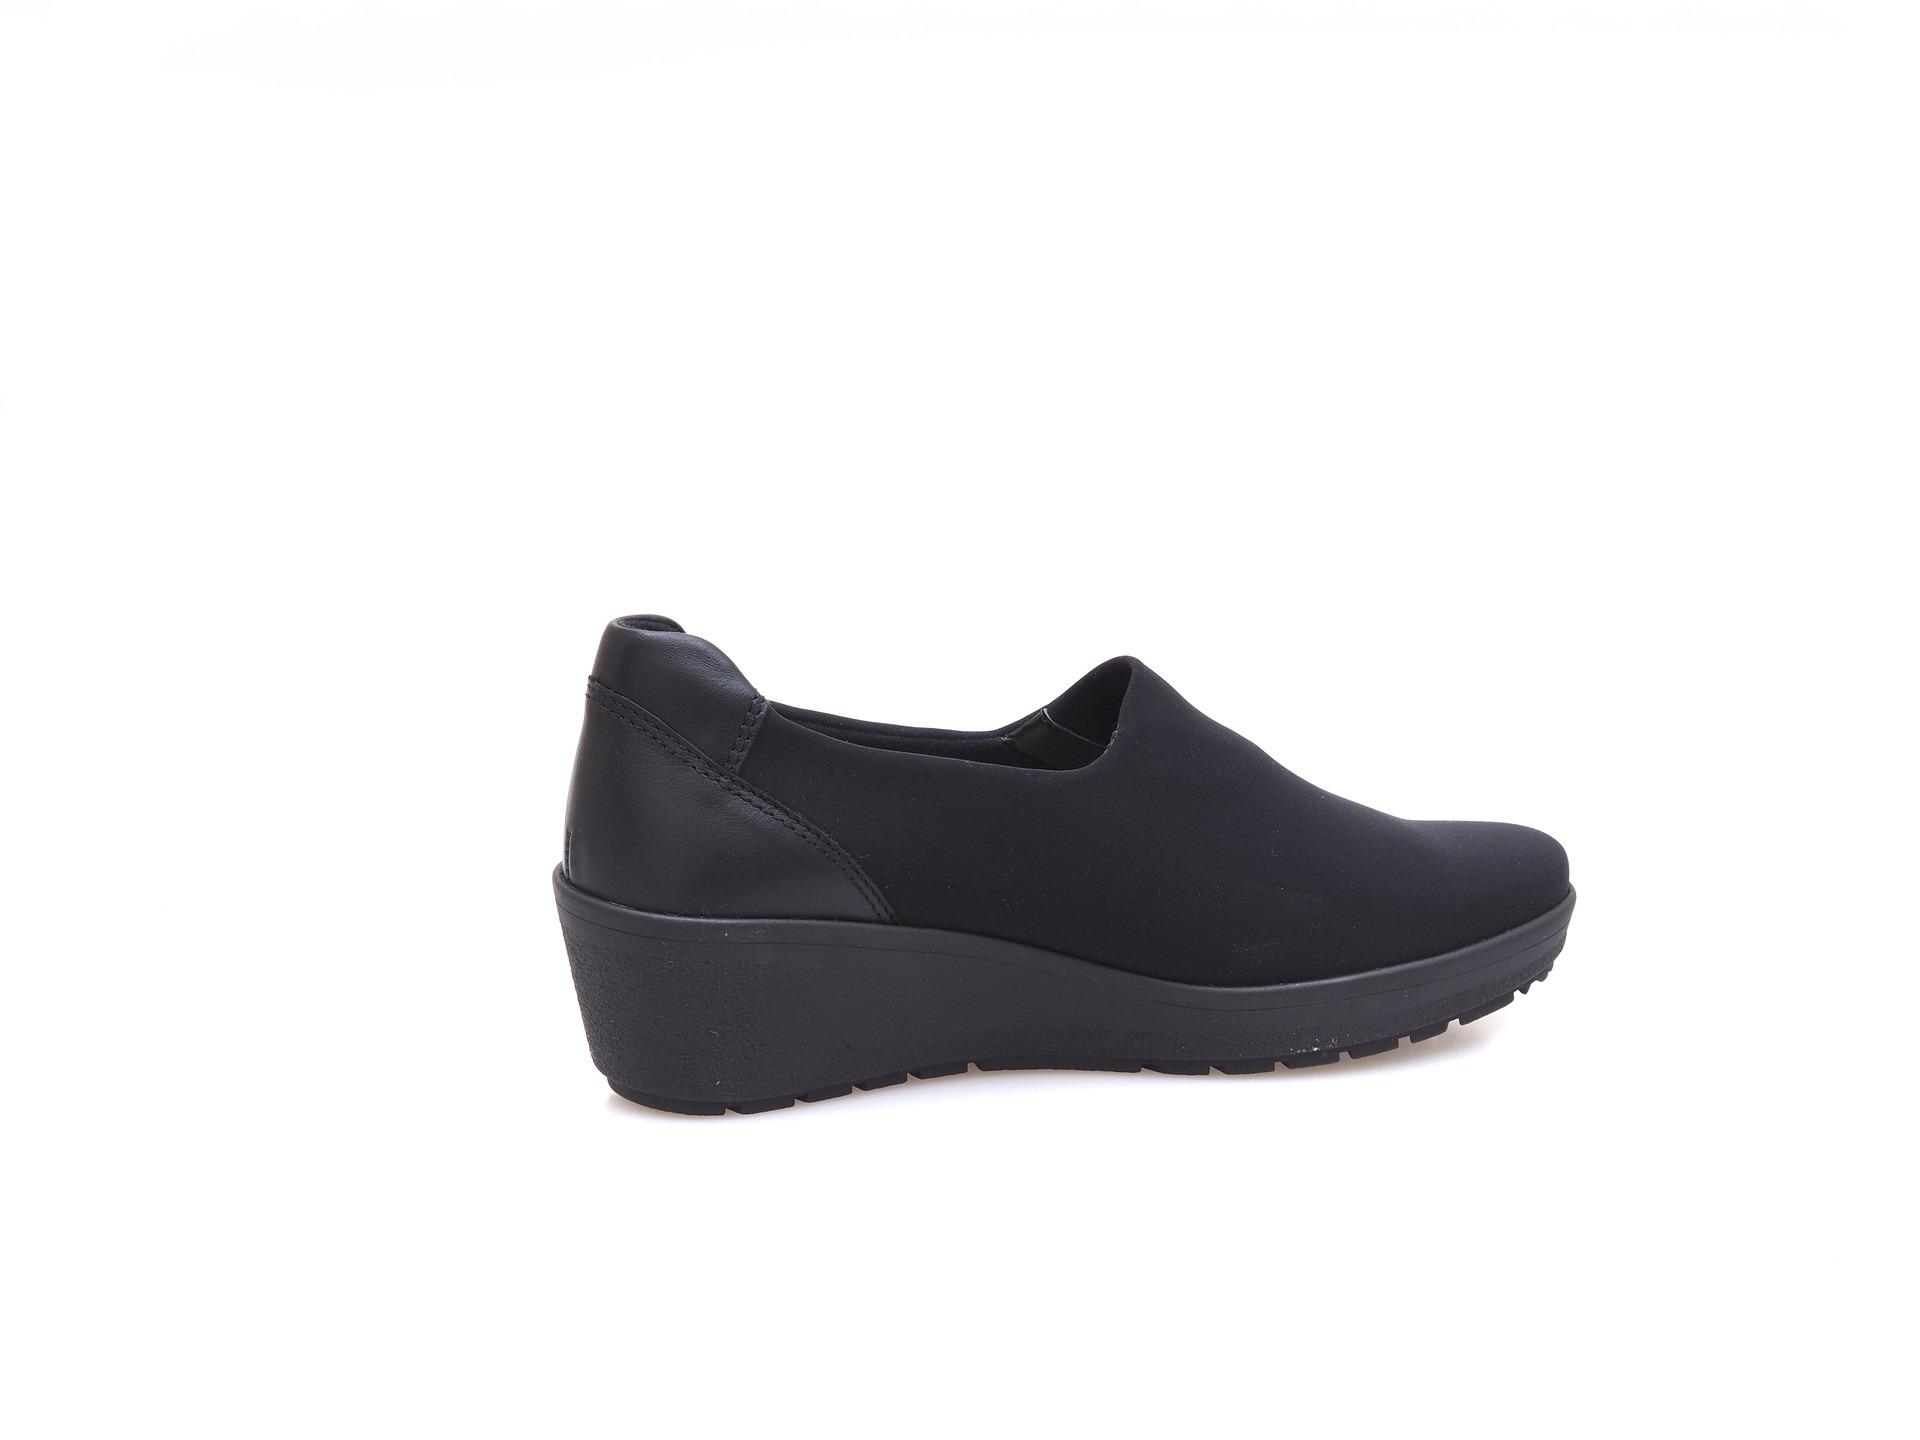 Soňa - Dámska obuv - Mokasíny - Dámska členková obuv Gore- Tex ... 0cbda9d5e2